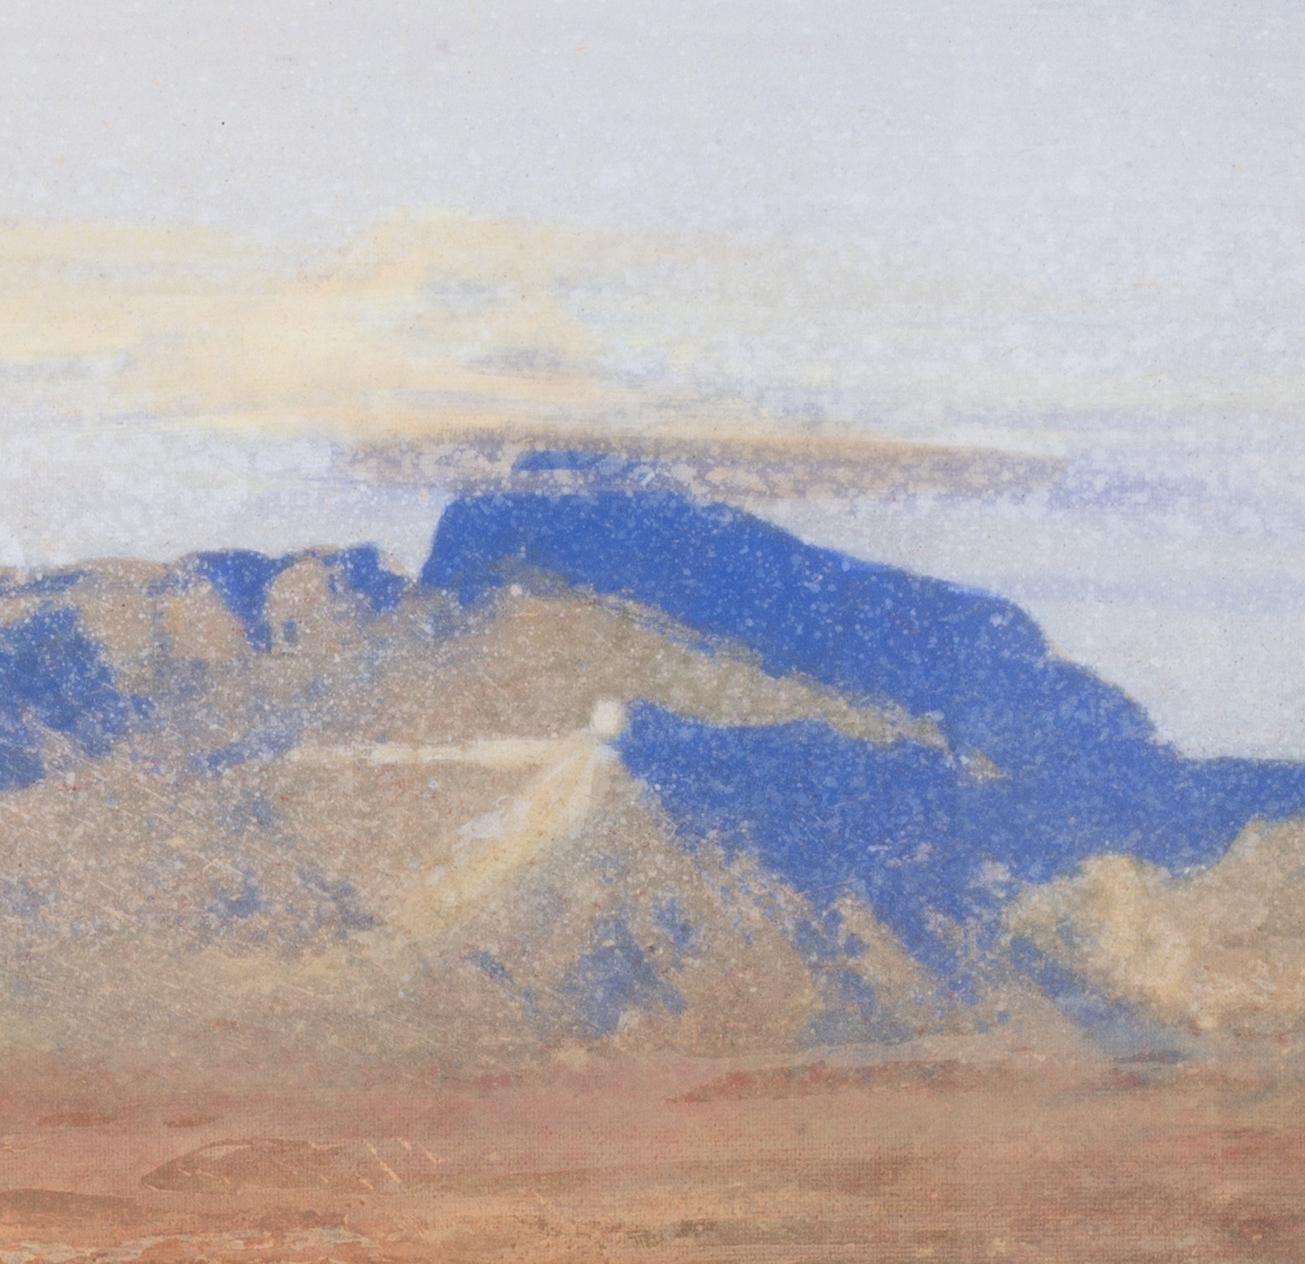 desert_edited-1.jpg